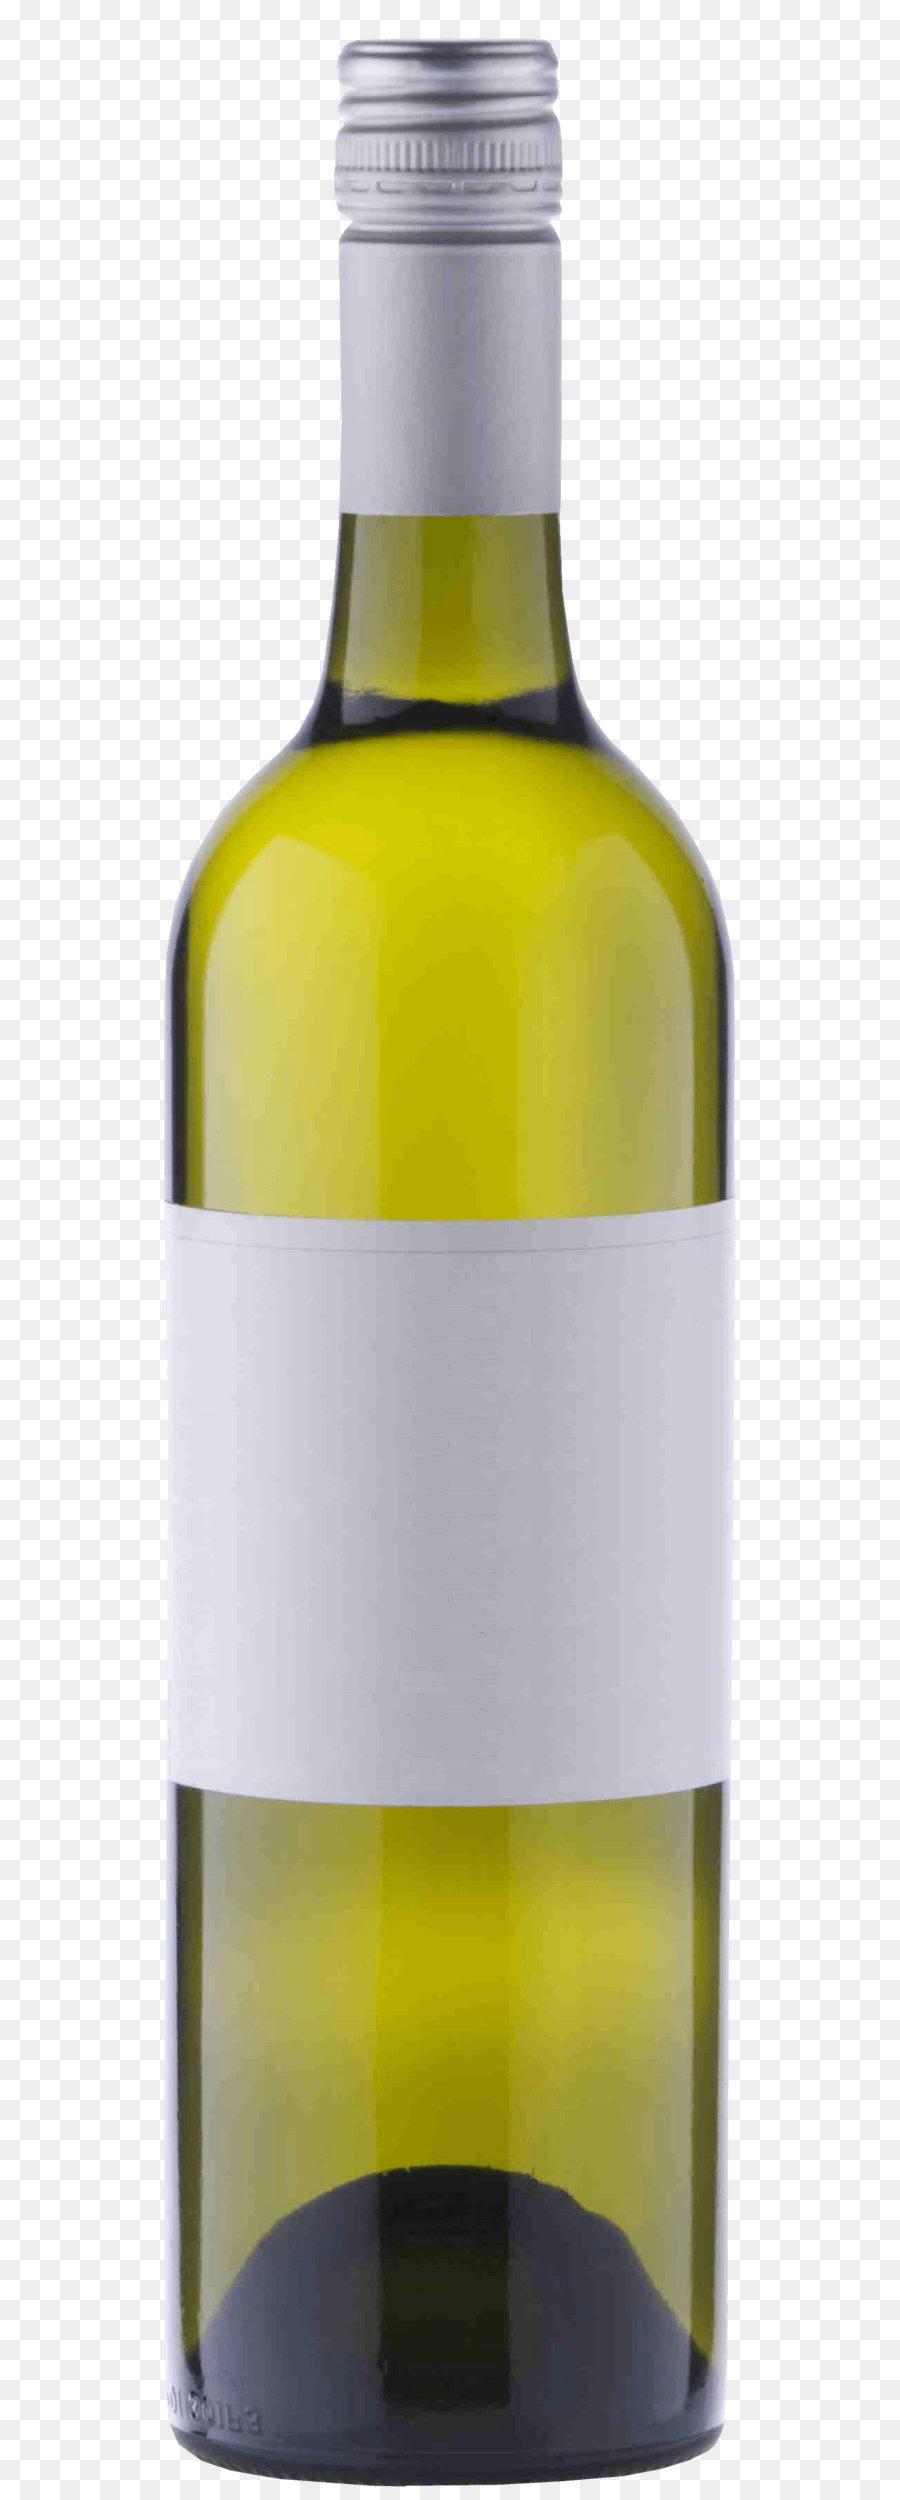 Descarga gratuita de Vino Tinto, Vino, Sauvignon Blanc Imágen de Png